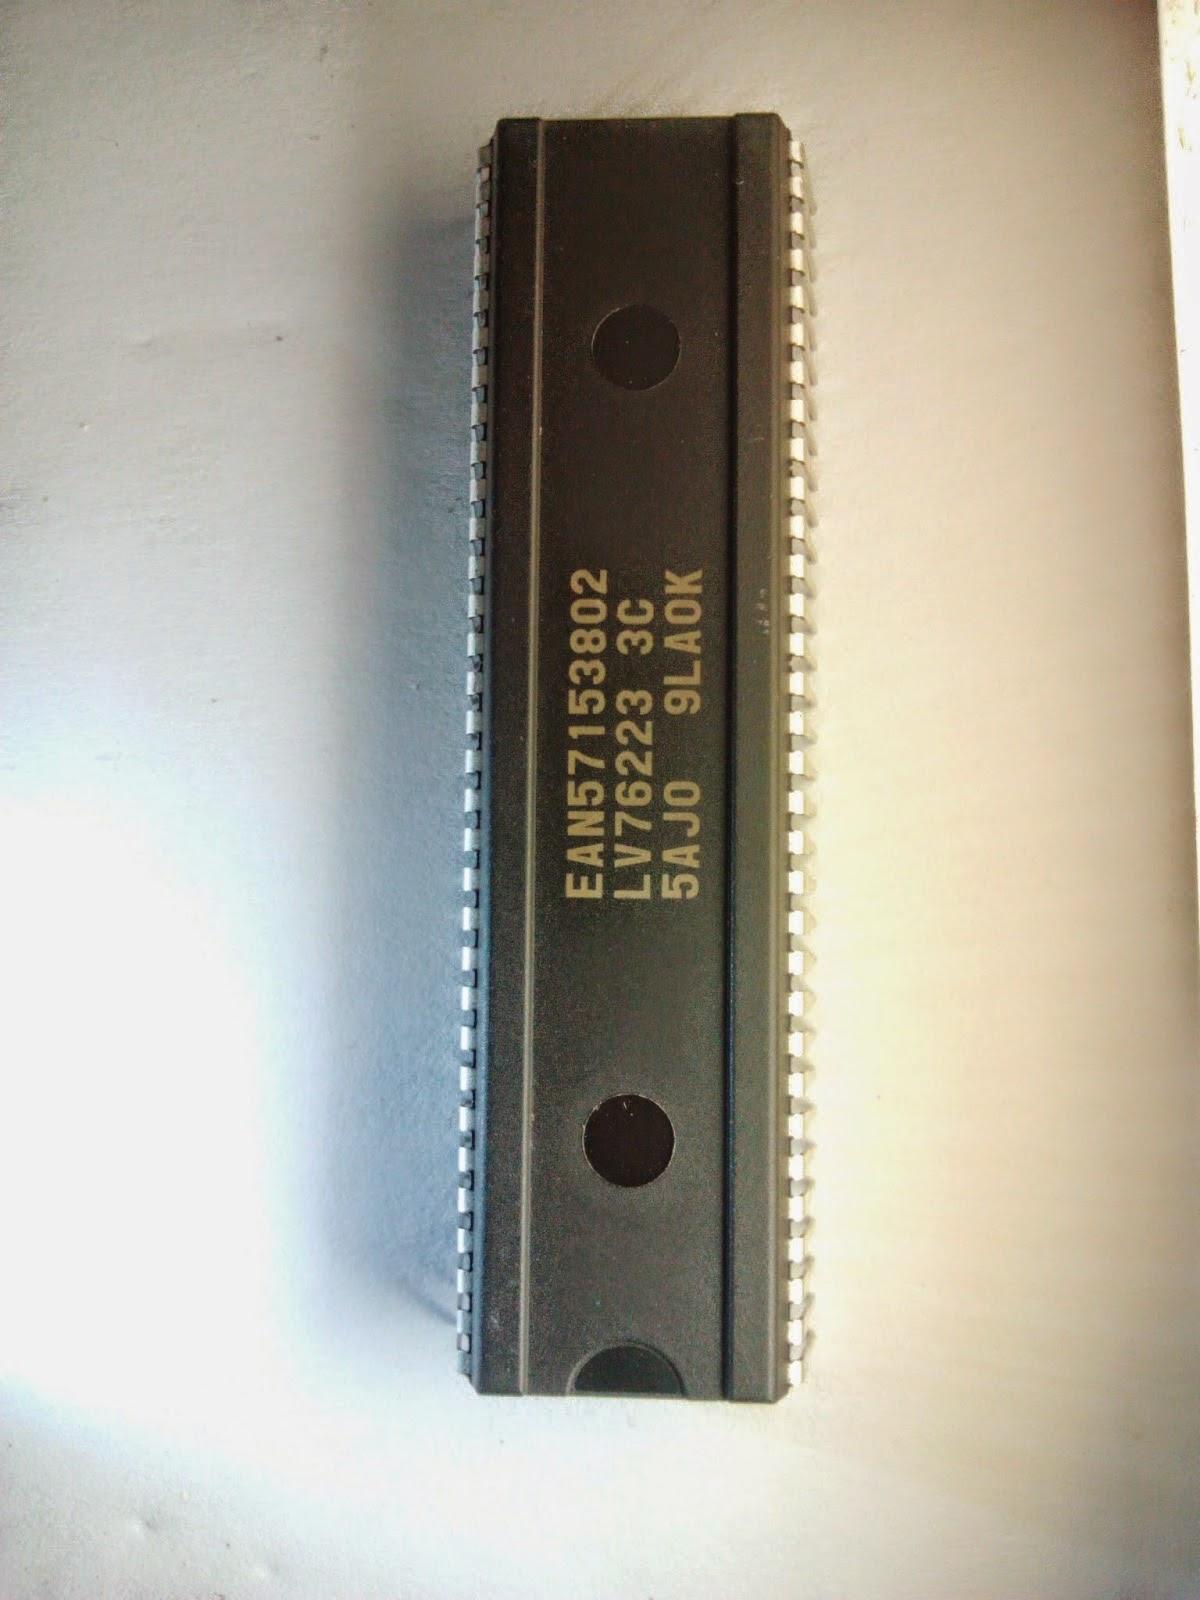 Persamaan IC Program LG LV76213, LV76223 | SUKABUMI ELEKTRO